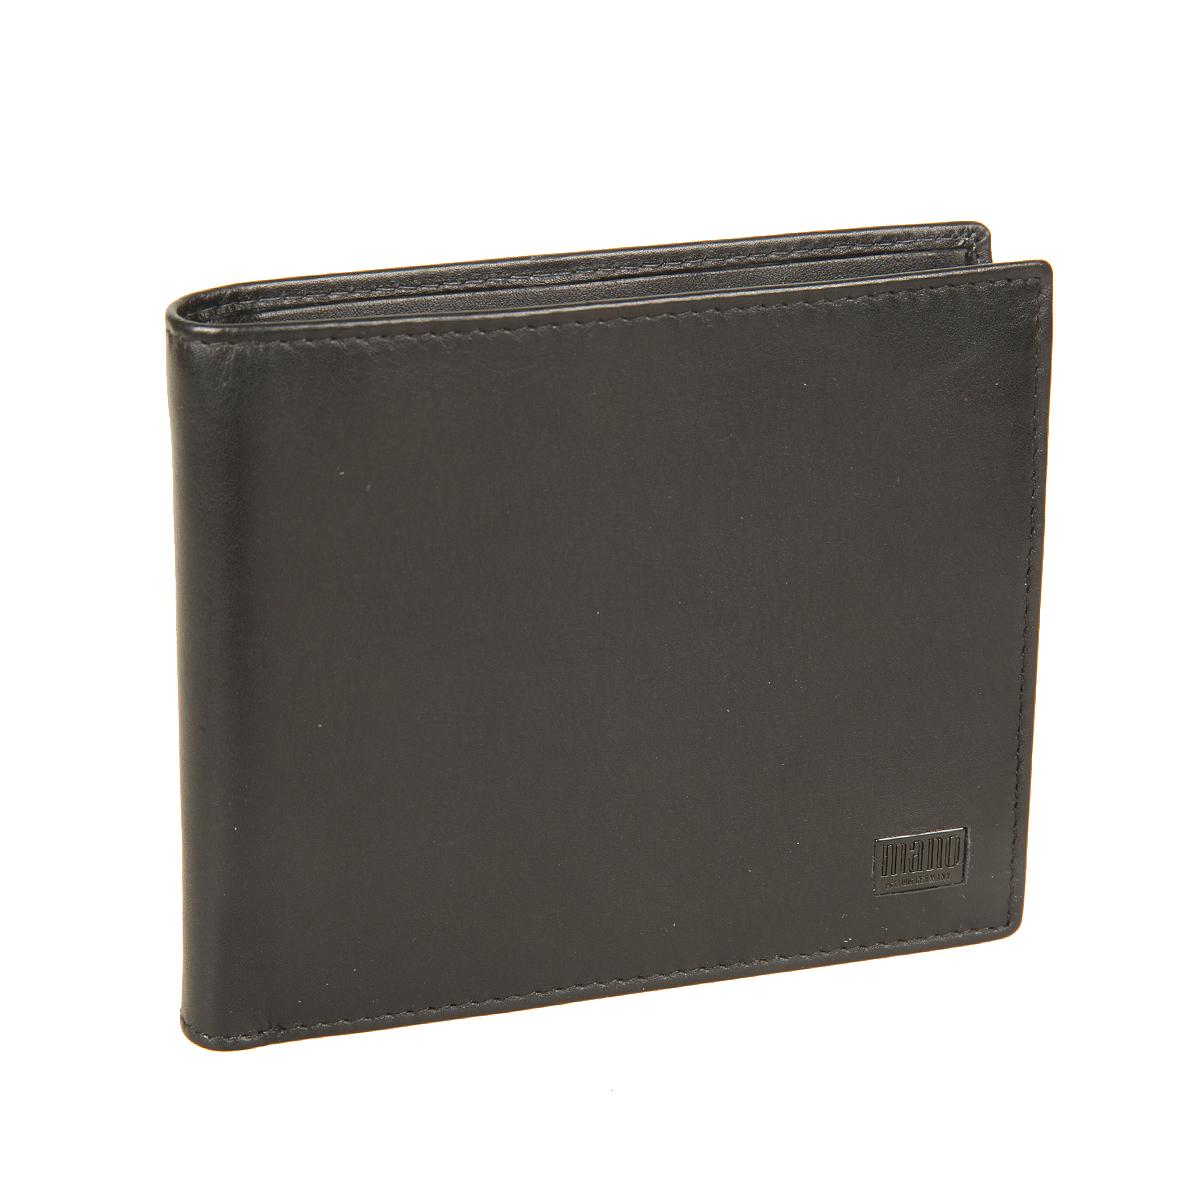 Портмоне мужское Mano, цвет: черный. 1915519155 certo blackСтильное мужское портмоне Mano выполнено из натуральной кожи и оформлено не большой пластинкой с логотипом бренда. Внутри два отделения для купюр, карман для мелочи с клапаном на кнопке, три потайных кармашка для мелочей и четыре отделения для пластиковых и визитных карт. У портмоне имеется Protect Pocket - защитный карман от считывания карты. Модель упакована в фирменную картонную коробку.